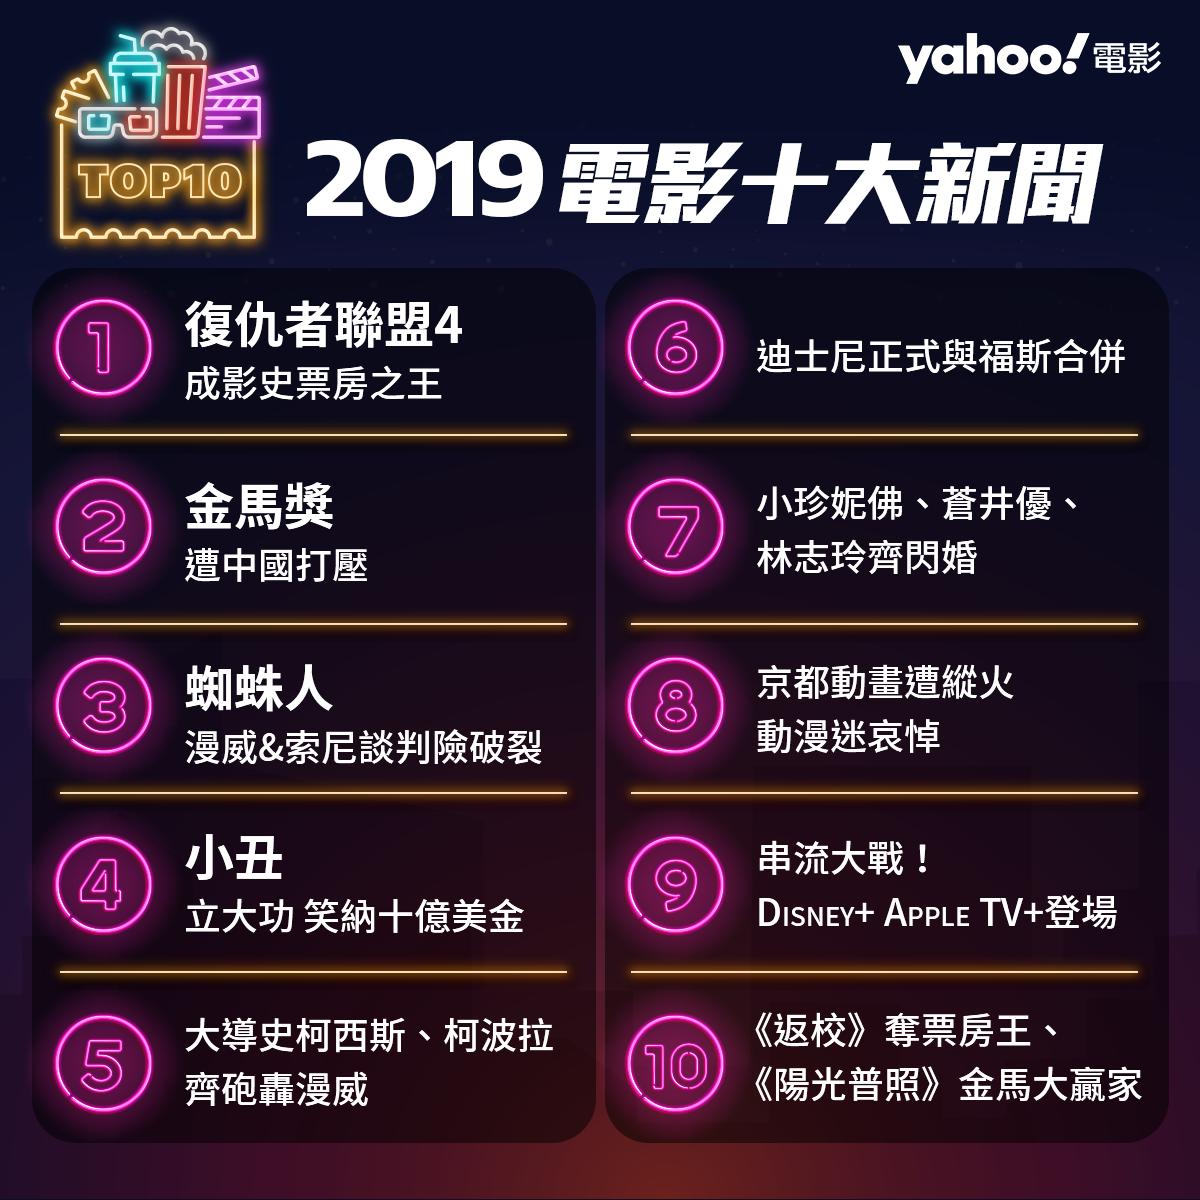 2019 Yahoo電影十大新聞回顧 超級英雄夯話題不斷!